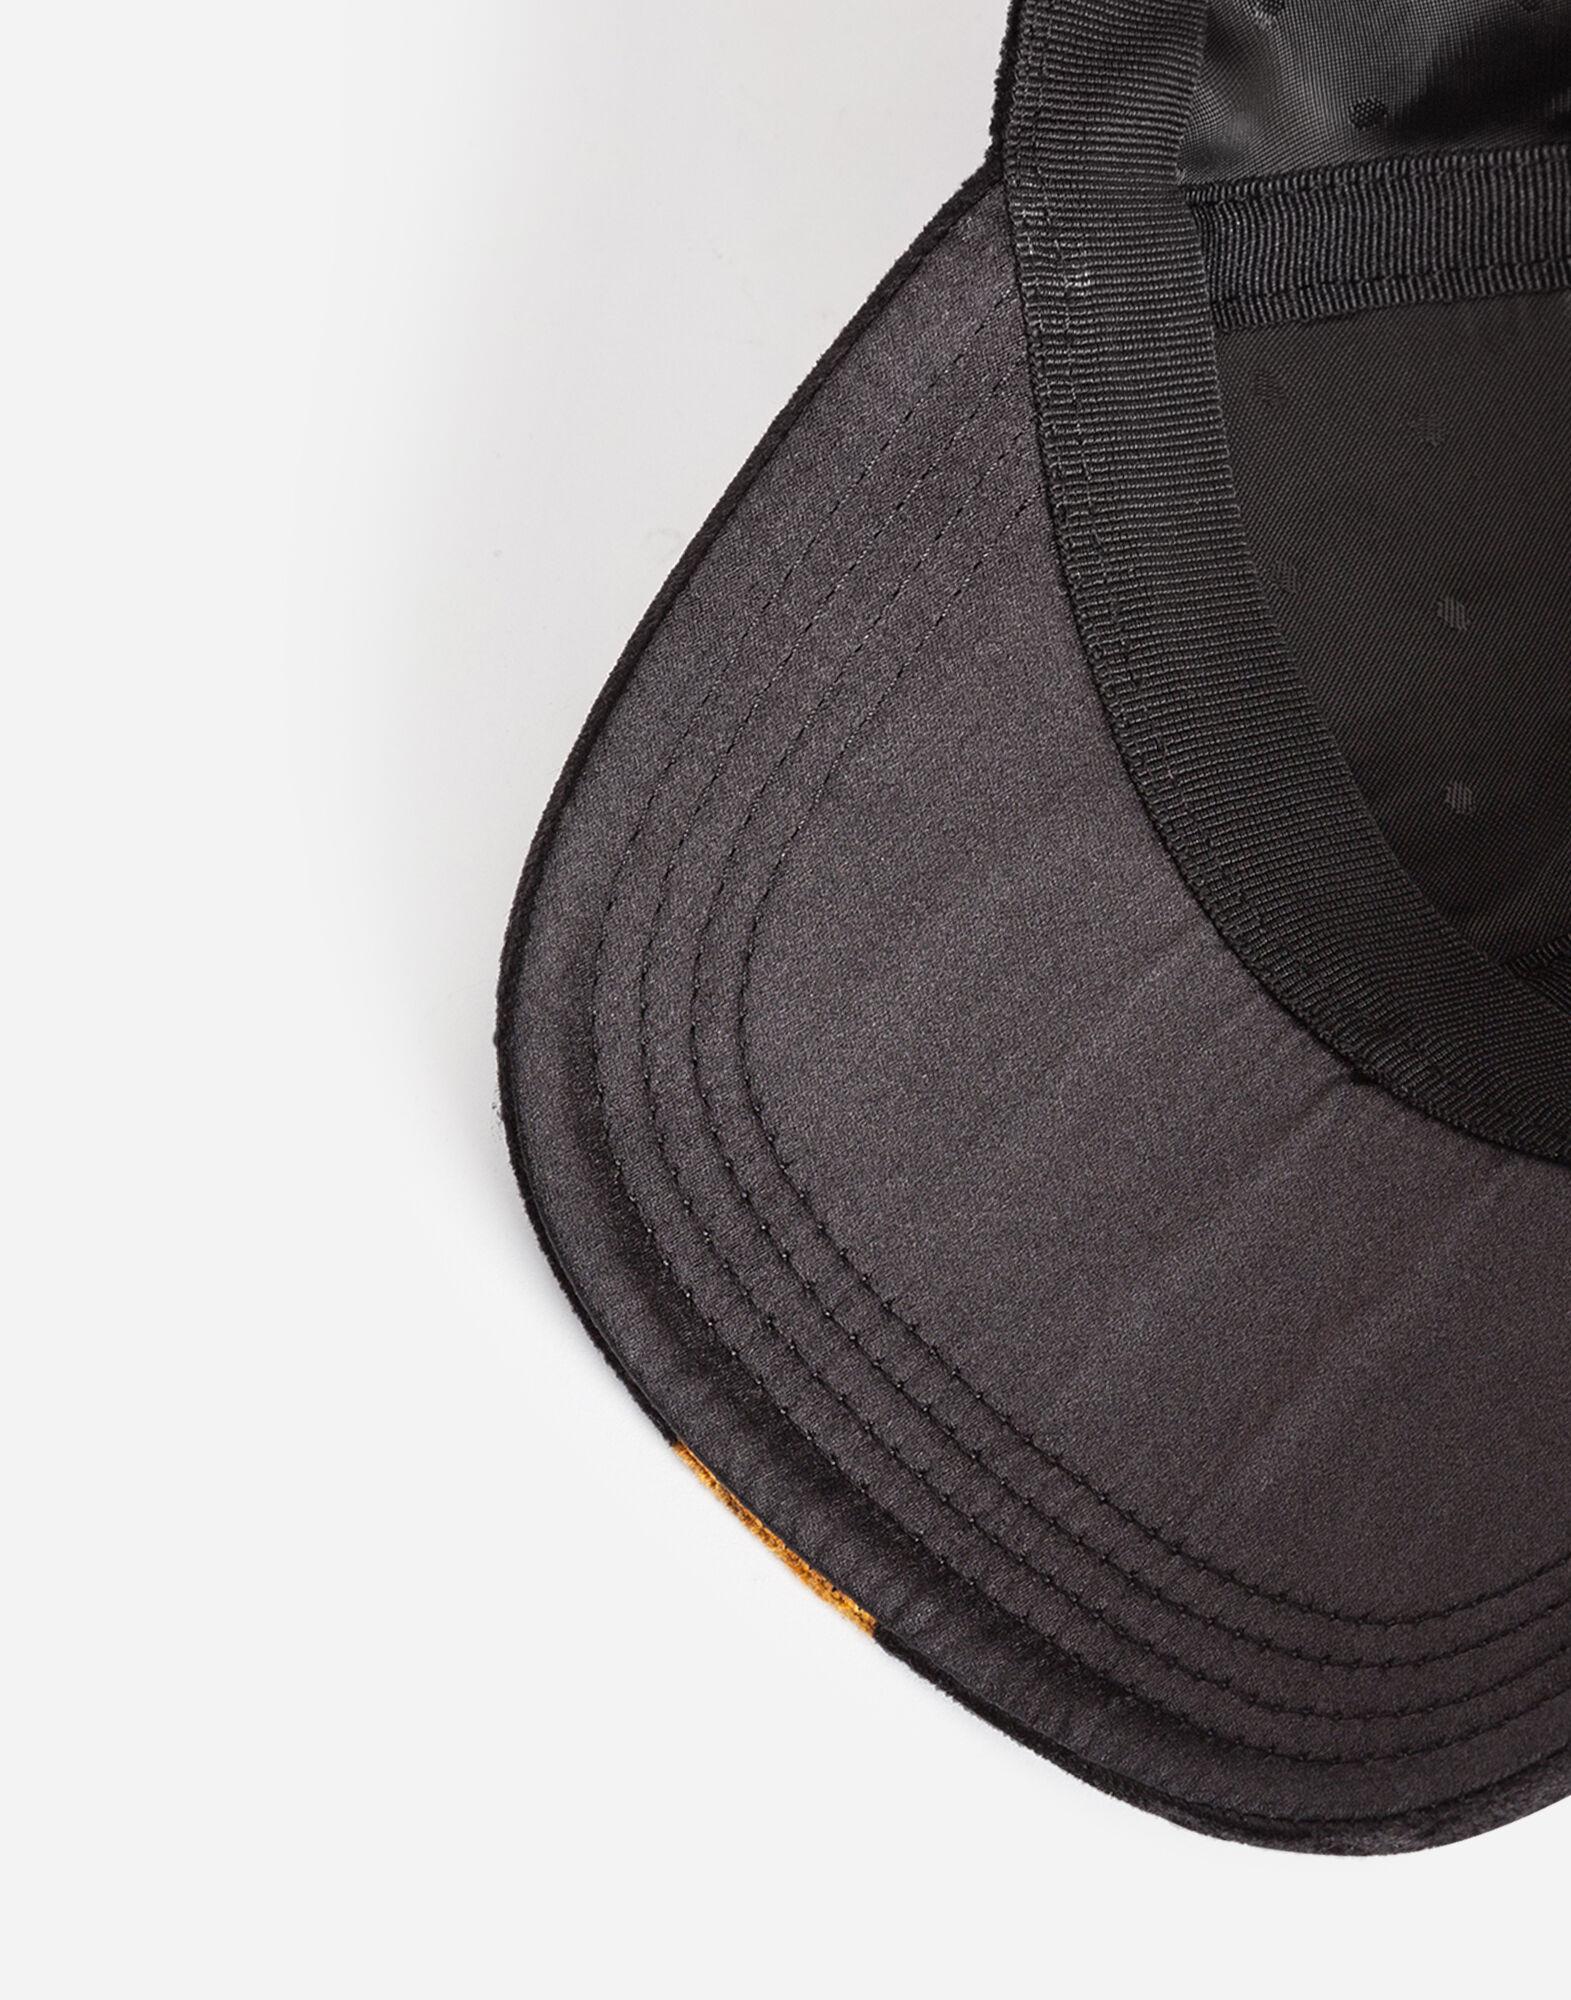 BASEBALL CAP IN PRINTED VELVET